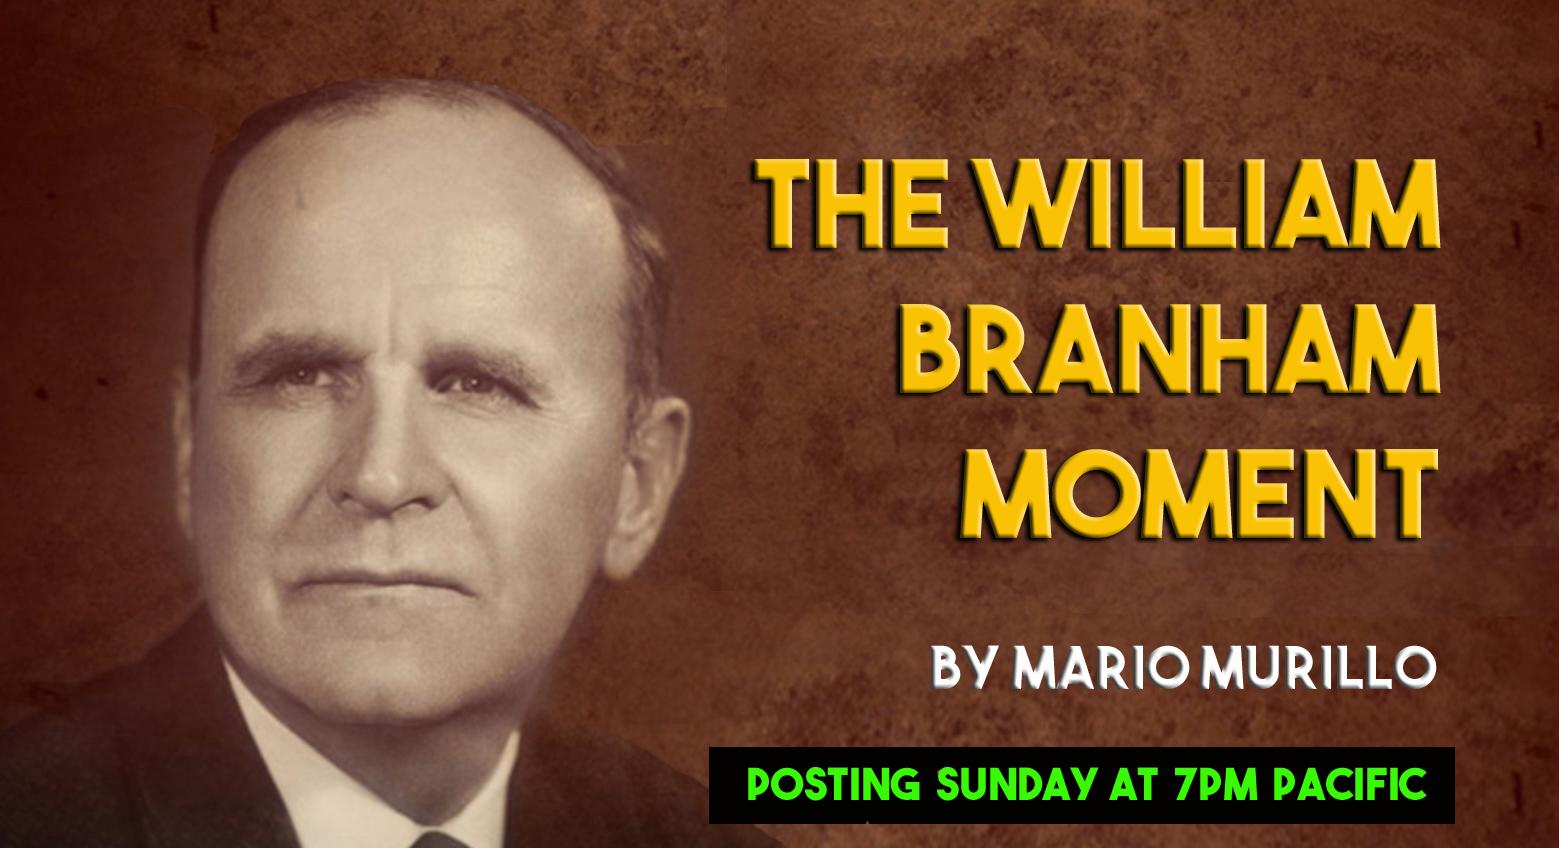 The William Branham tease